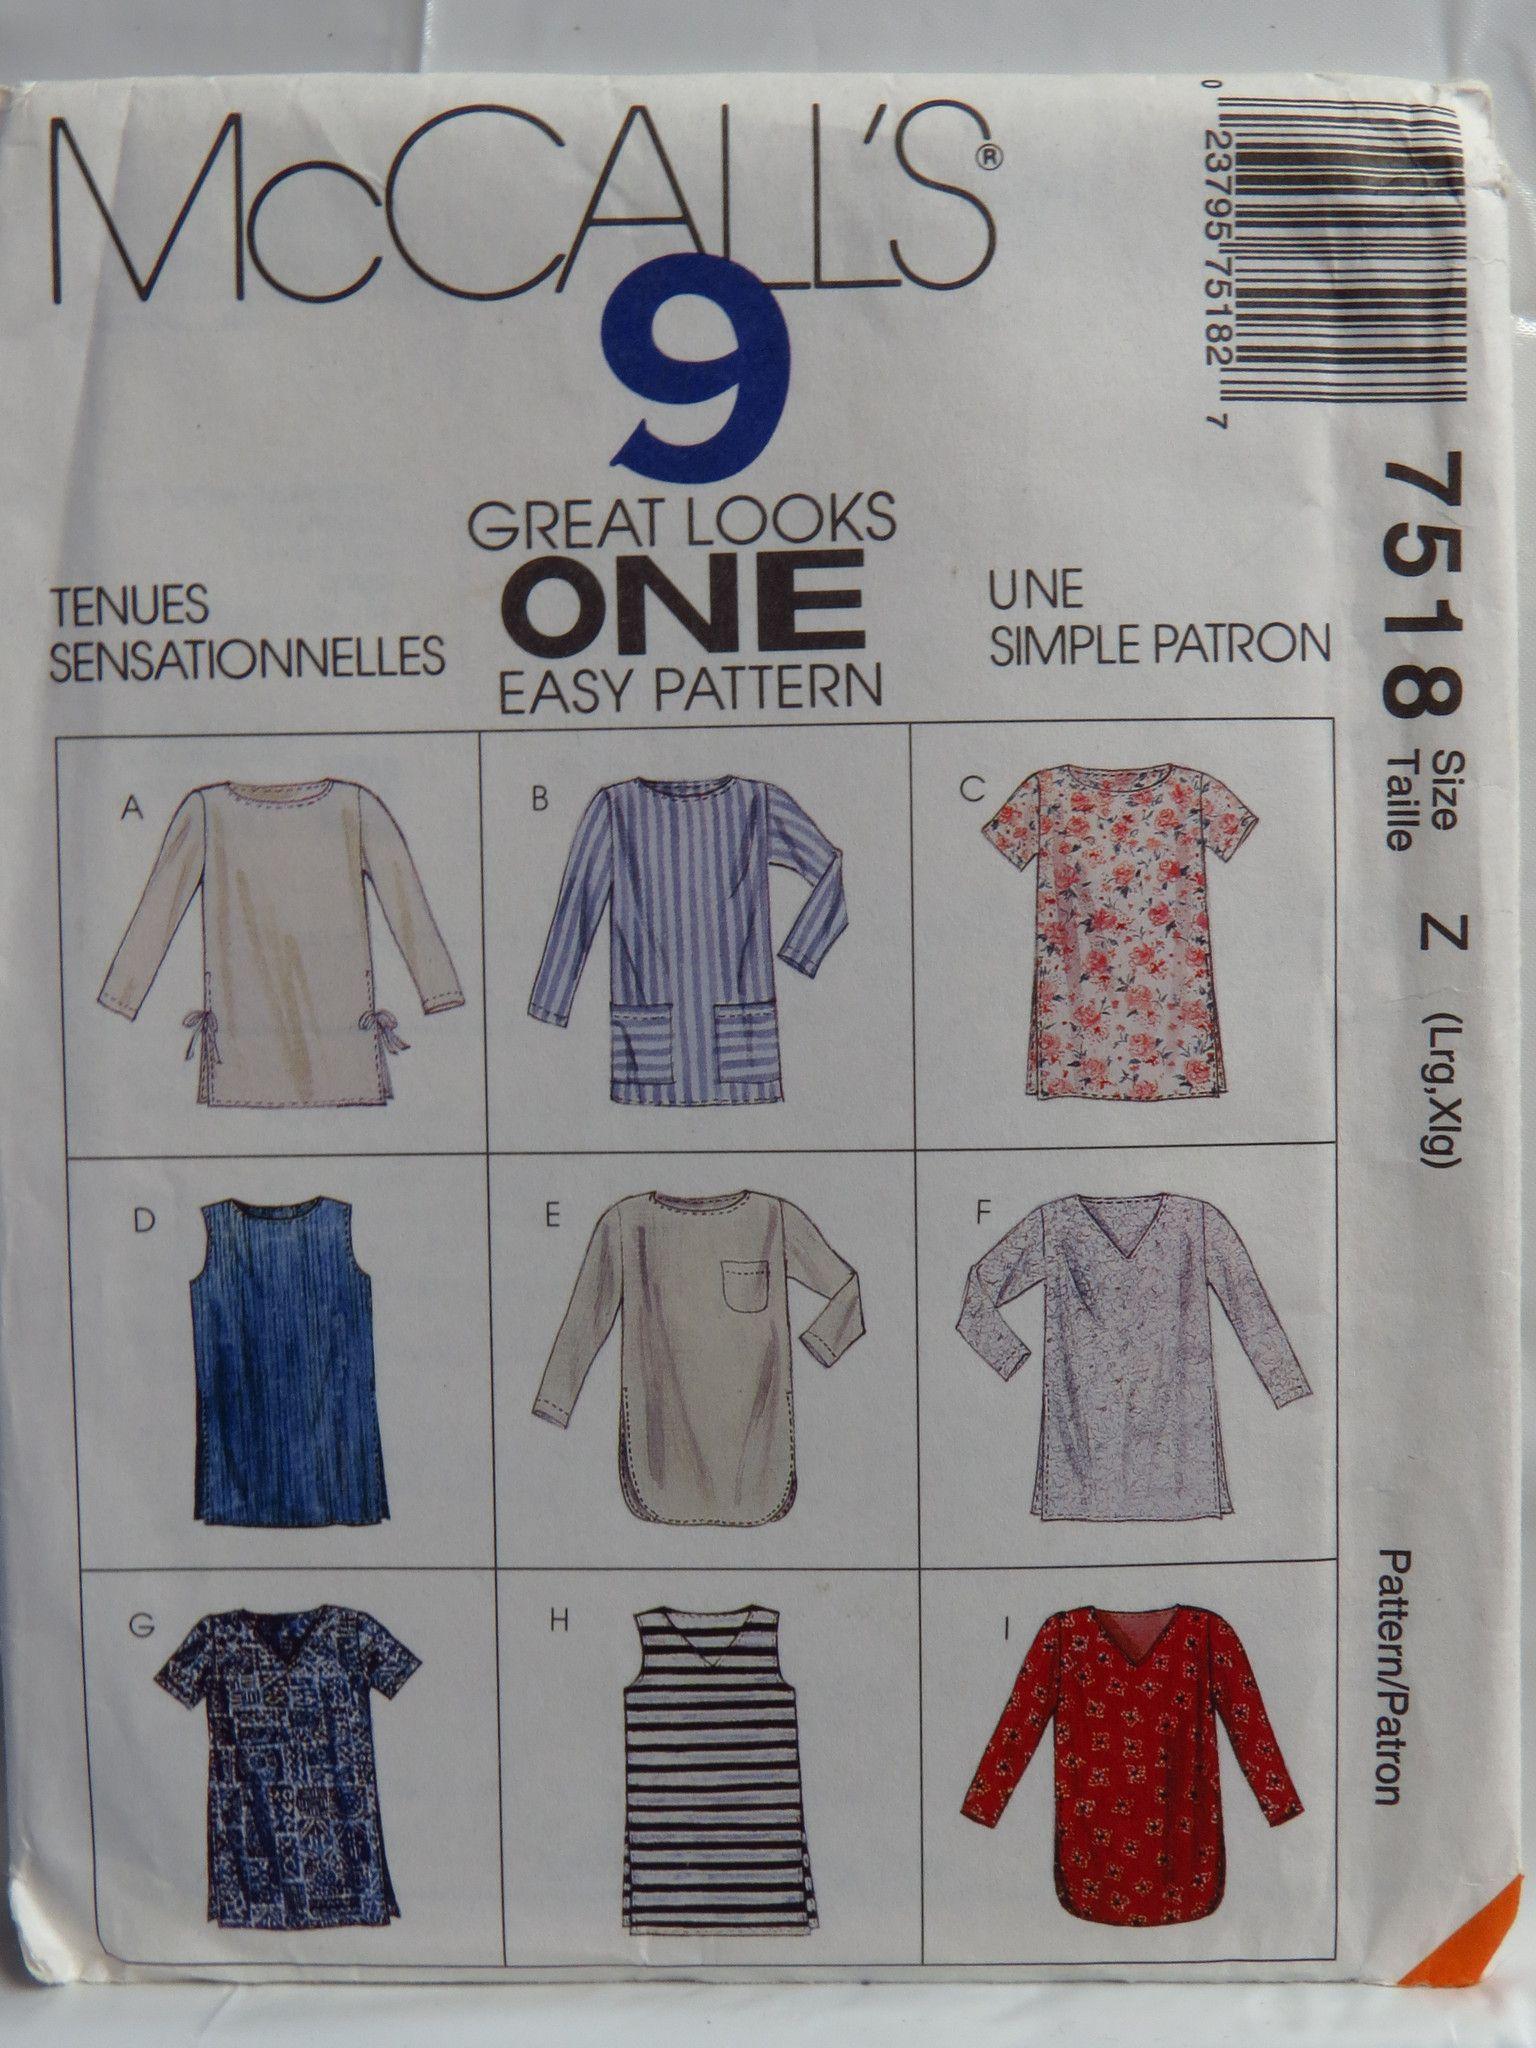 McCall's 7518 Misses' Tunics